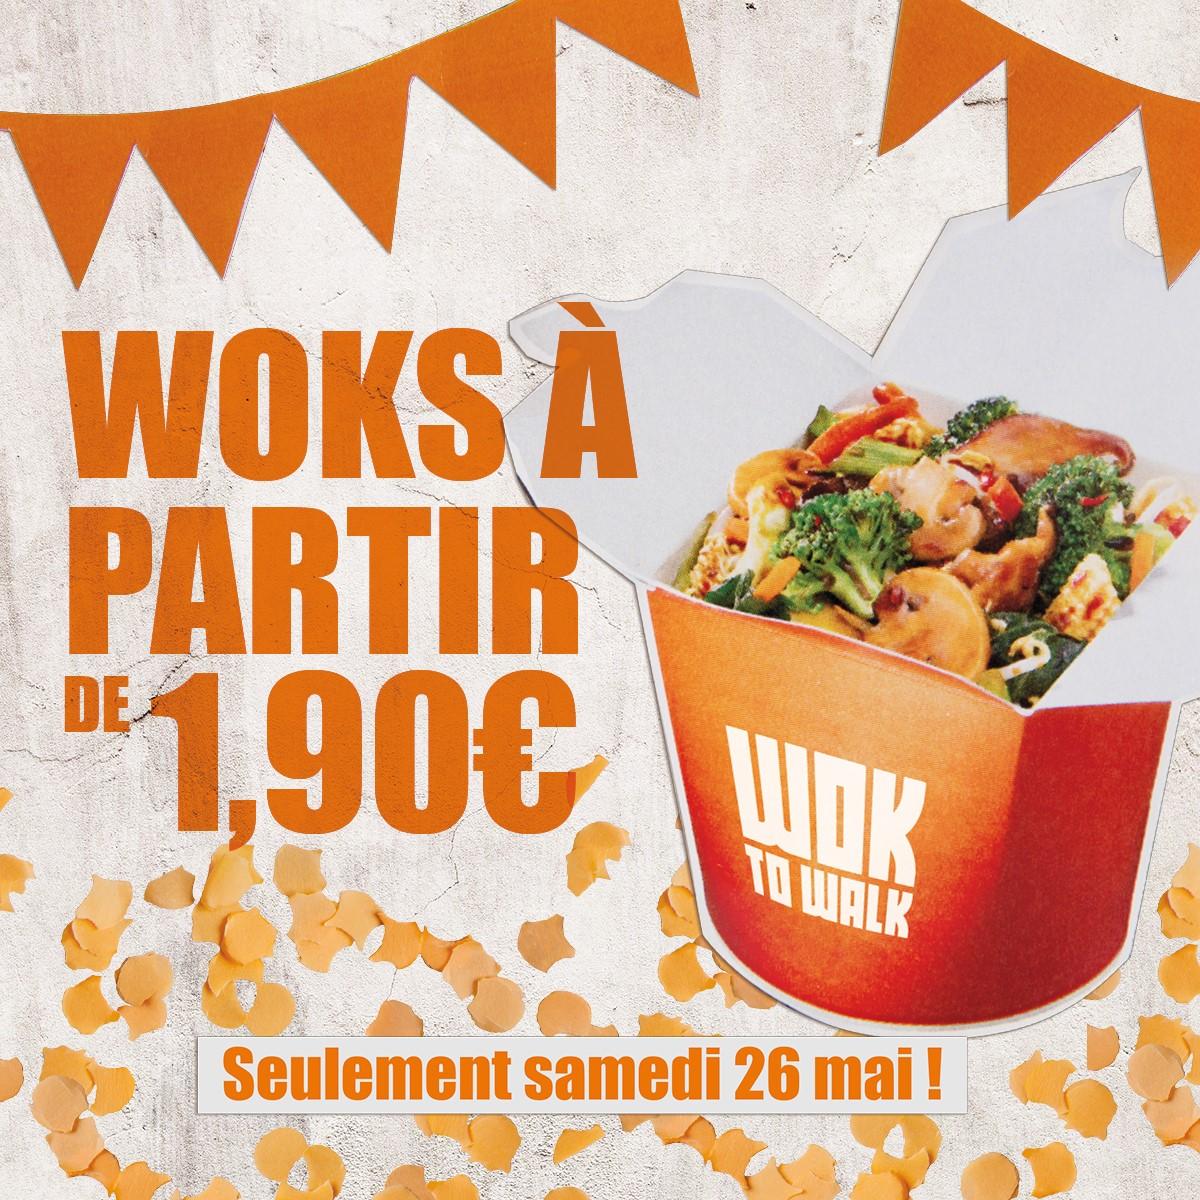 Les Bons Plans à Bordeaux : FIESTA WOKO LOCO : Wok to Walk fête ses 6 ans à Bordeaux ! Offre wok